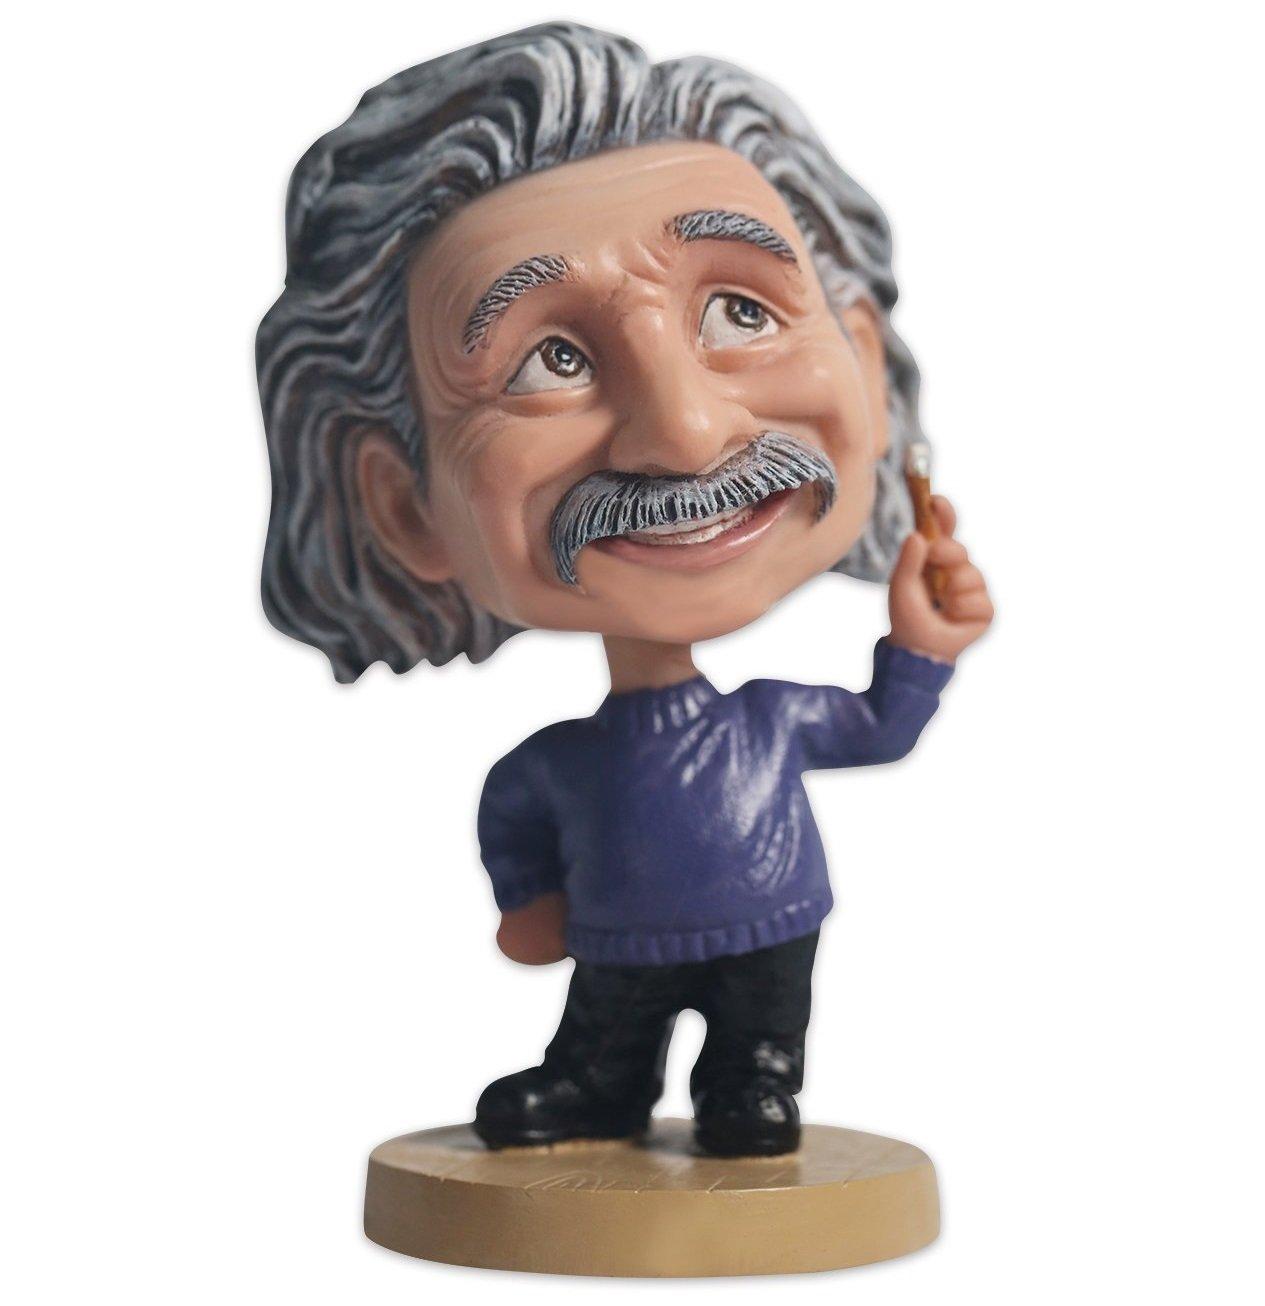 Albert Einstein Bobblehead Action Figure for Car Dashboard Einstein Statue Home Desk Decoration (Blue) OZUKO est002